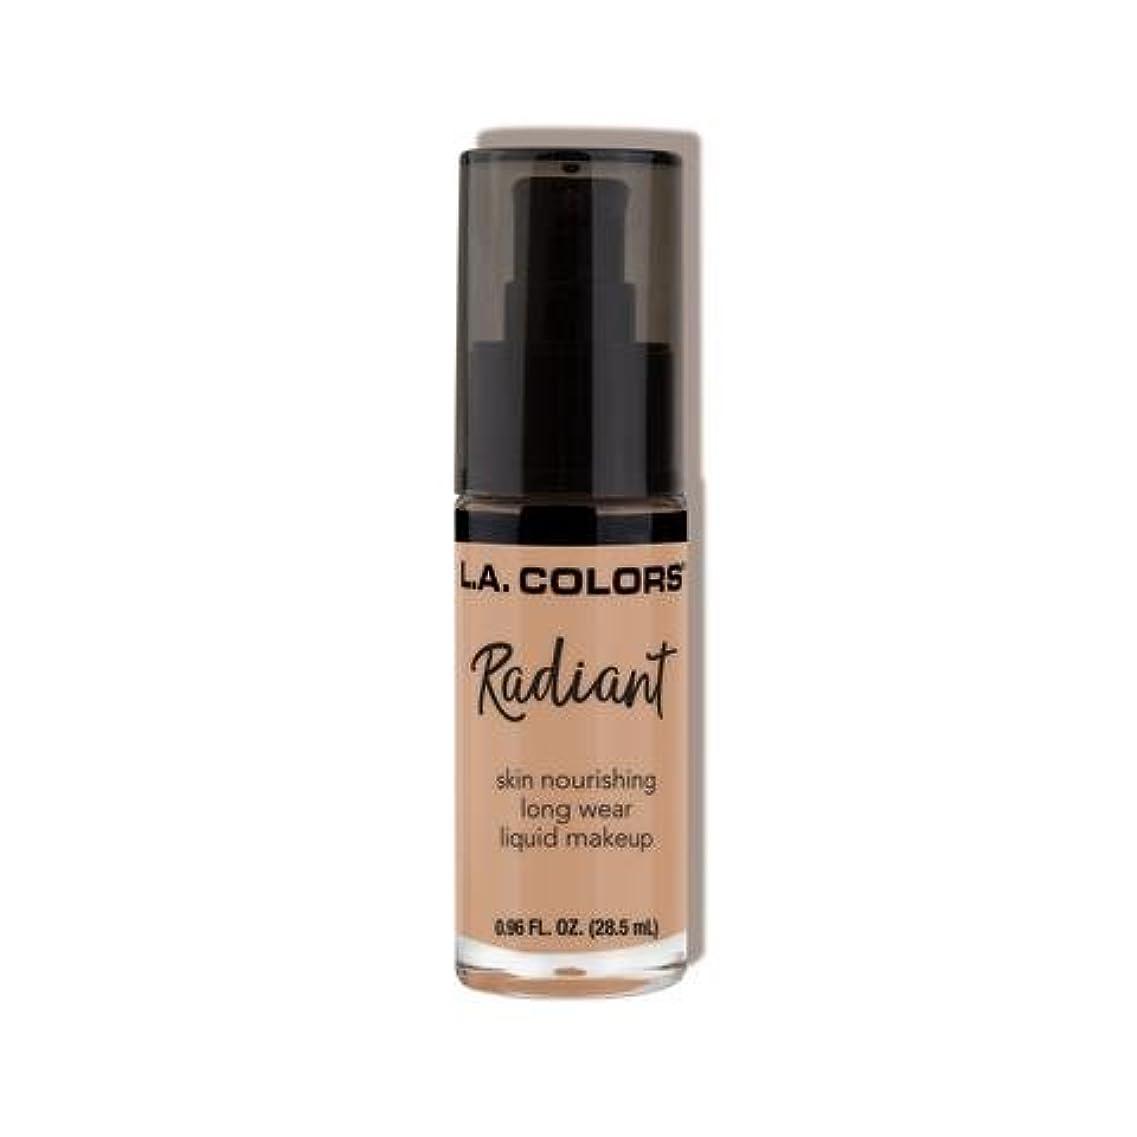 スタジアム緑しがみつく(6 Pack) L.A. COLORS Radiant Liquid Makeup - Medium Tan (並行輸入品)